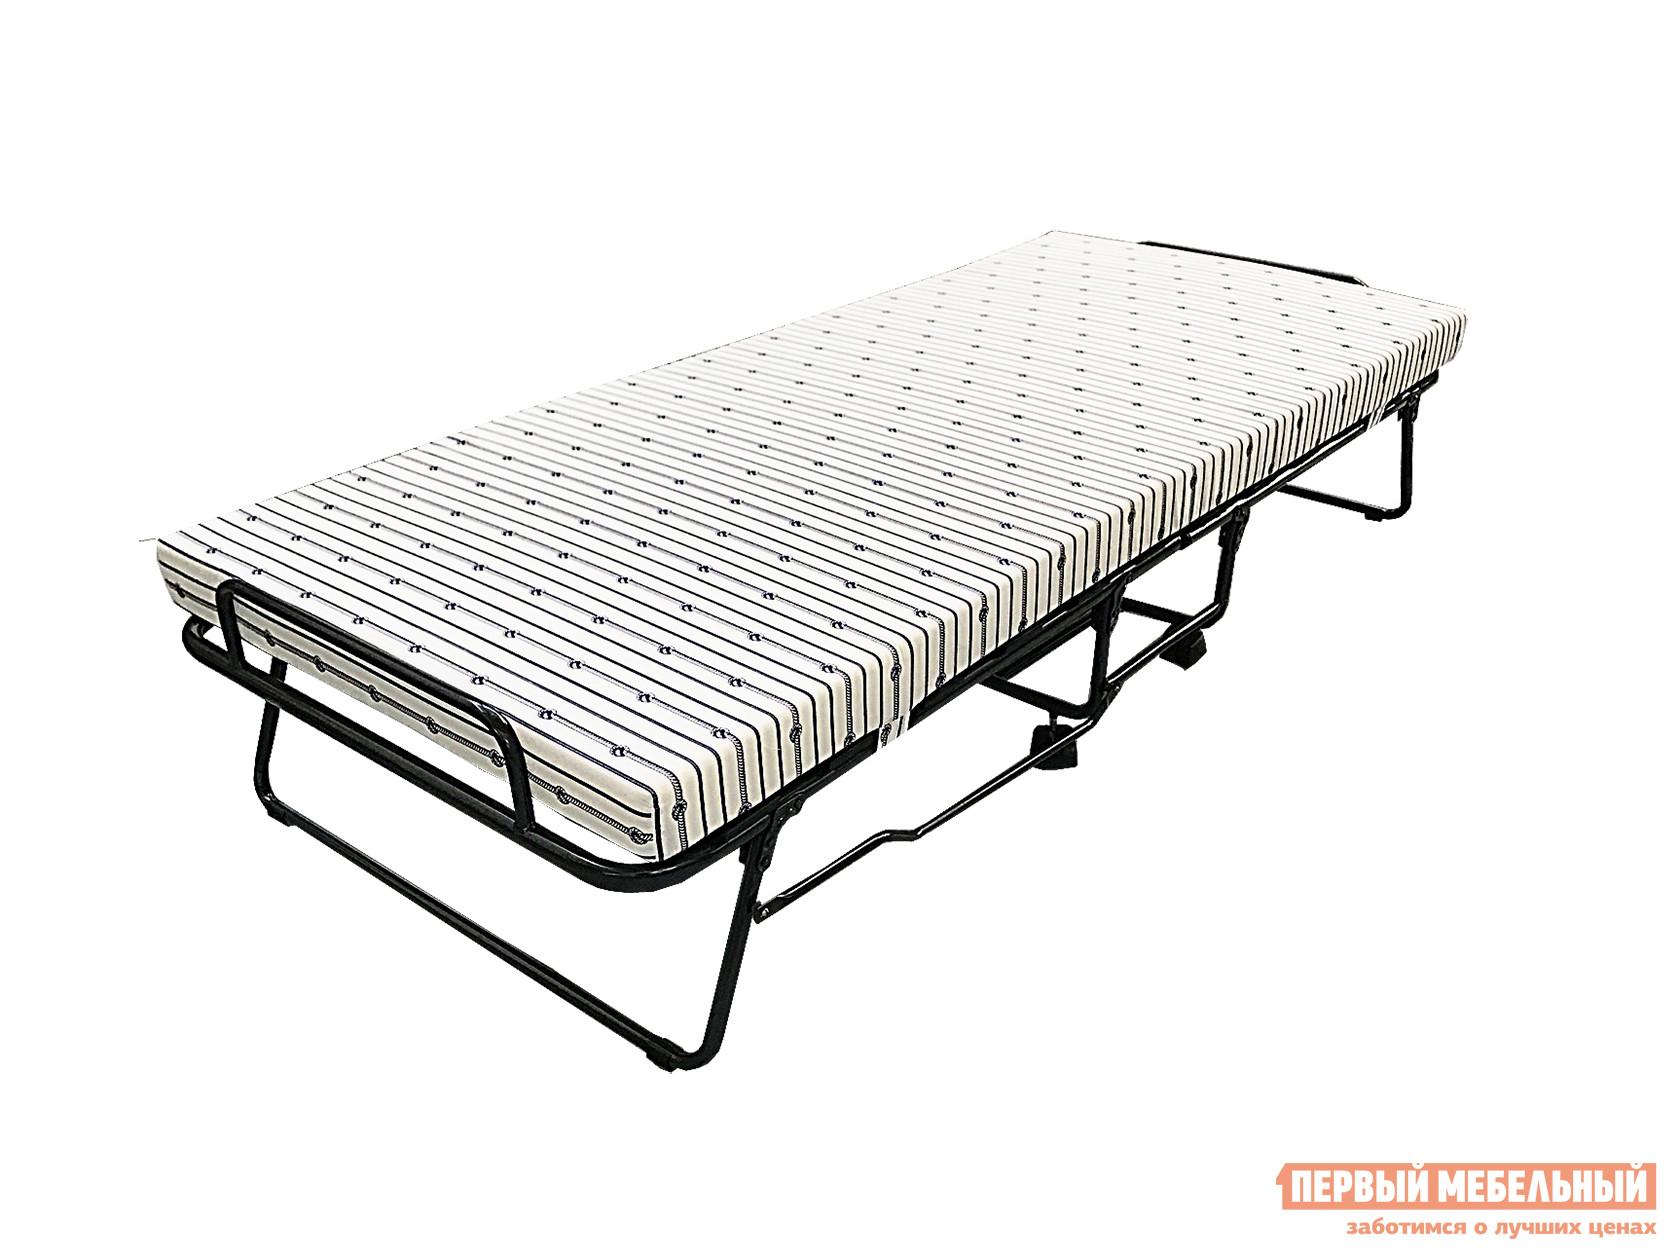 Раскладушка Мебель Импэкс LeSet, модель 213